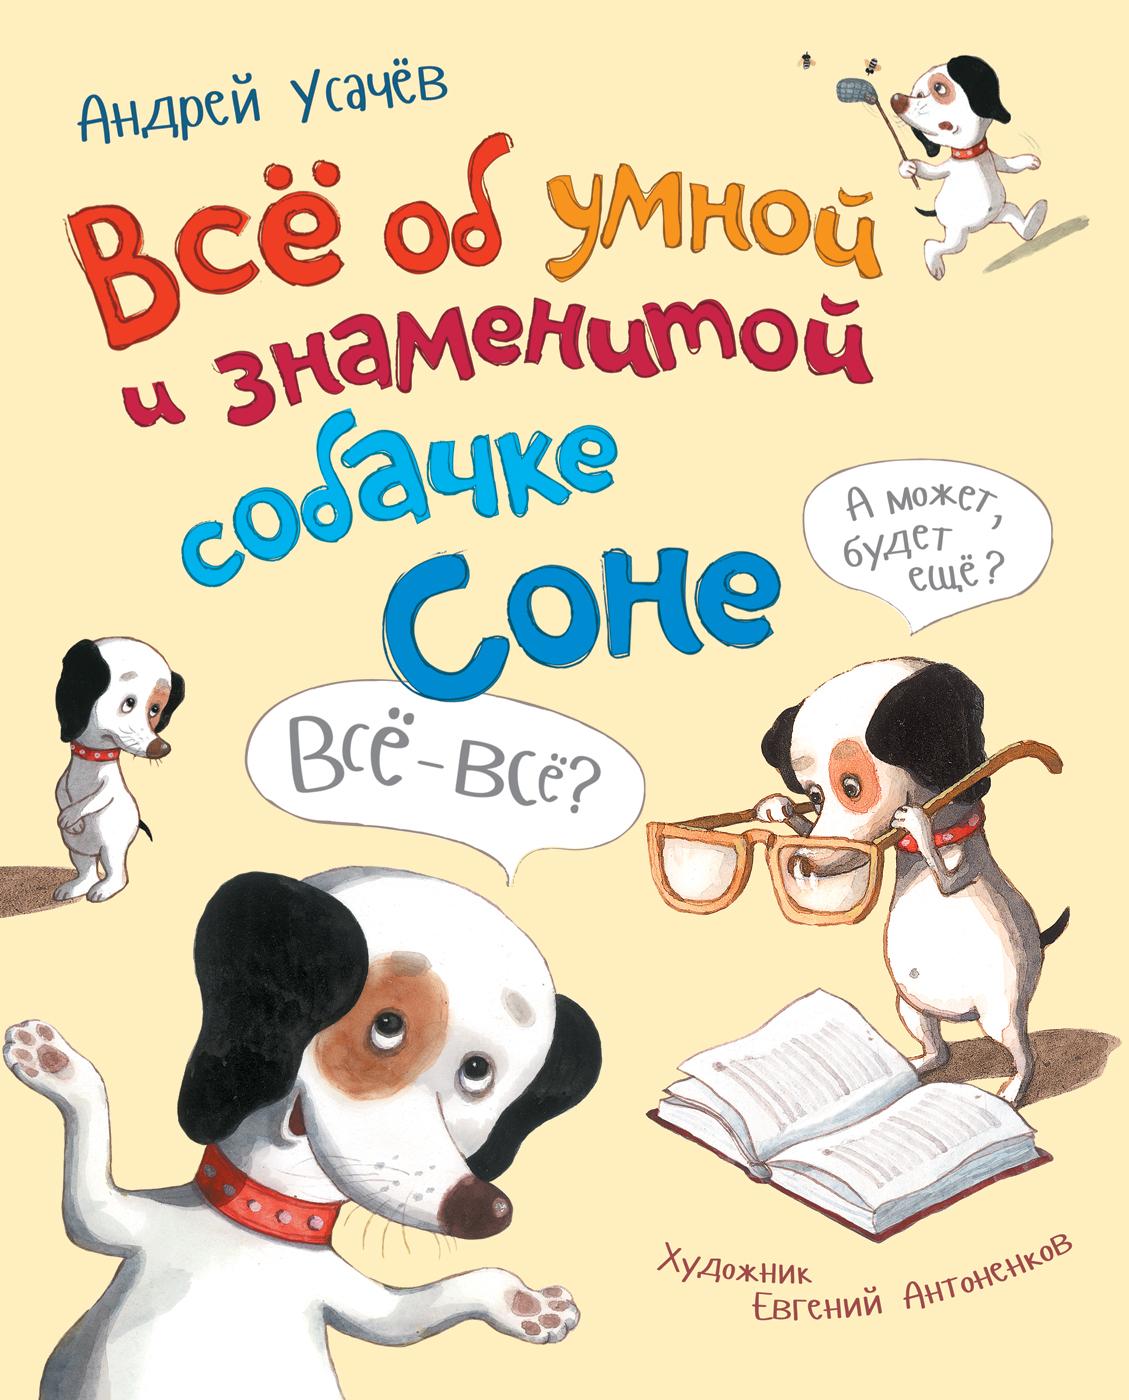 Андрей Усачев Все об умной и знаменитой собачке Соне обучающие книги росмэн книга азбука умной собачки сони усачев а